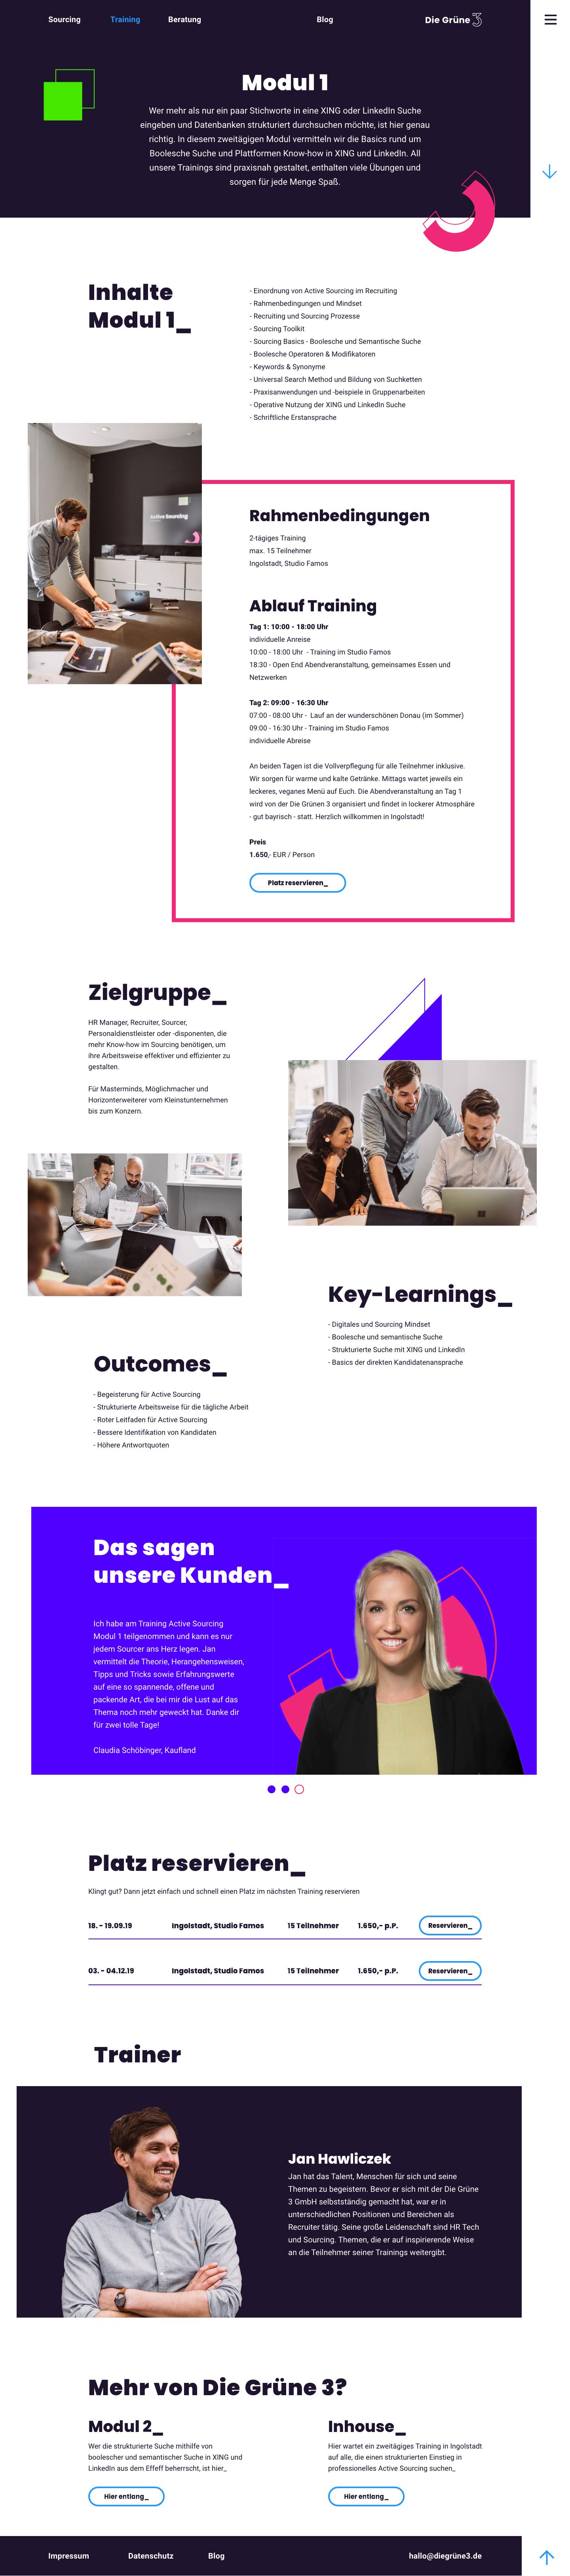 peers_diegruene3_Webseite_Modul1